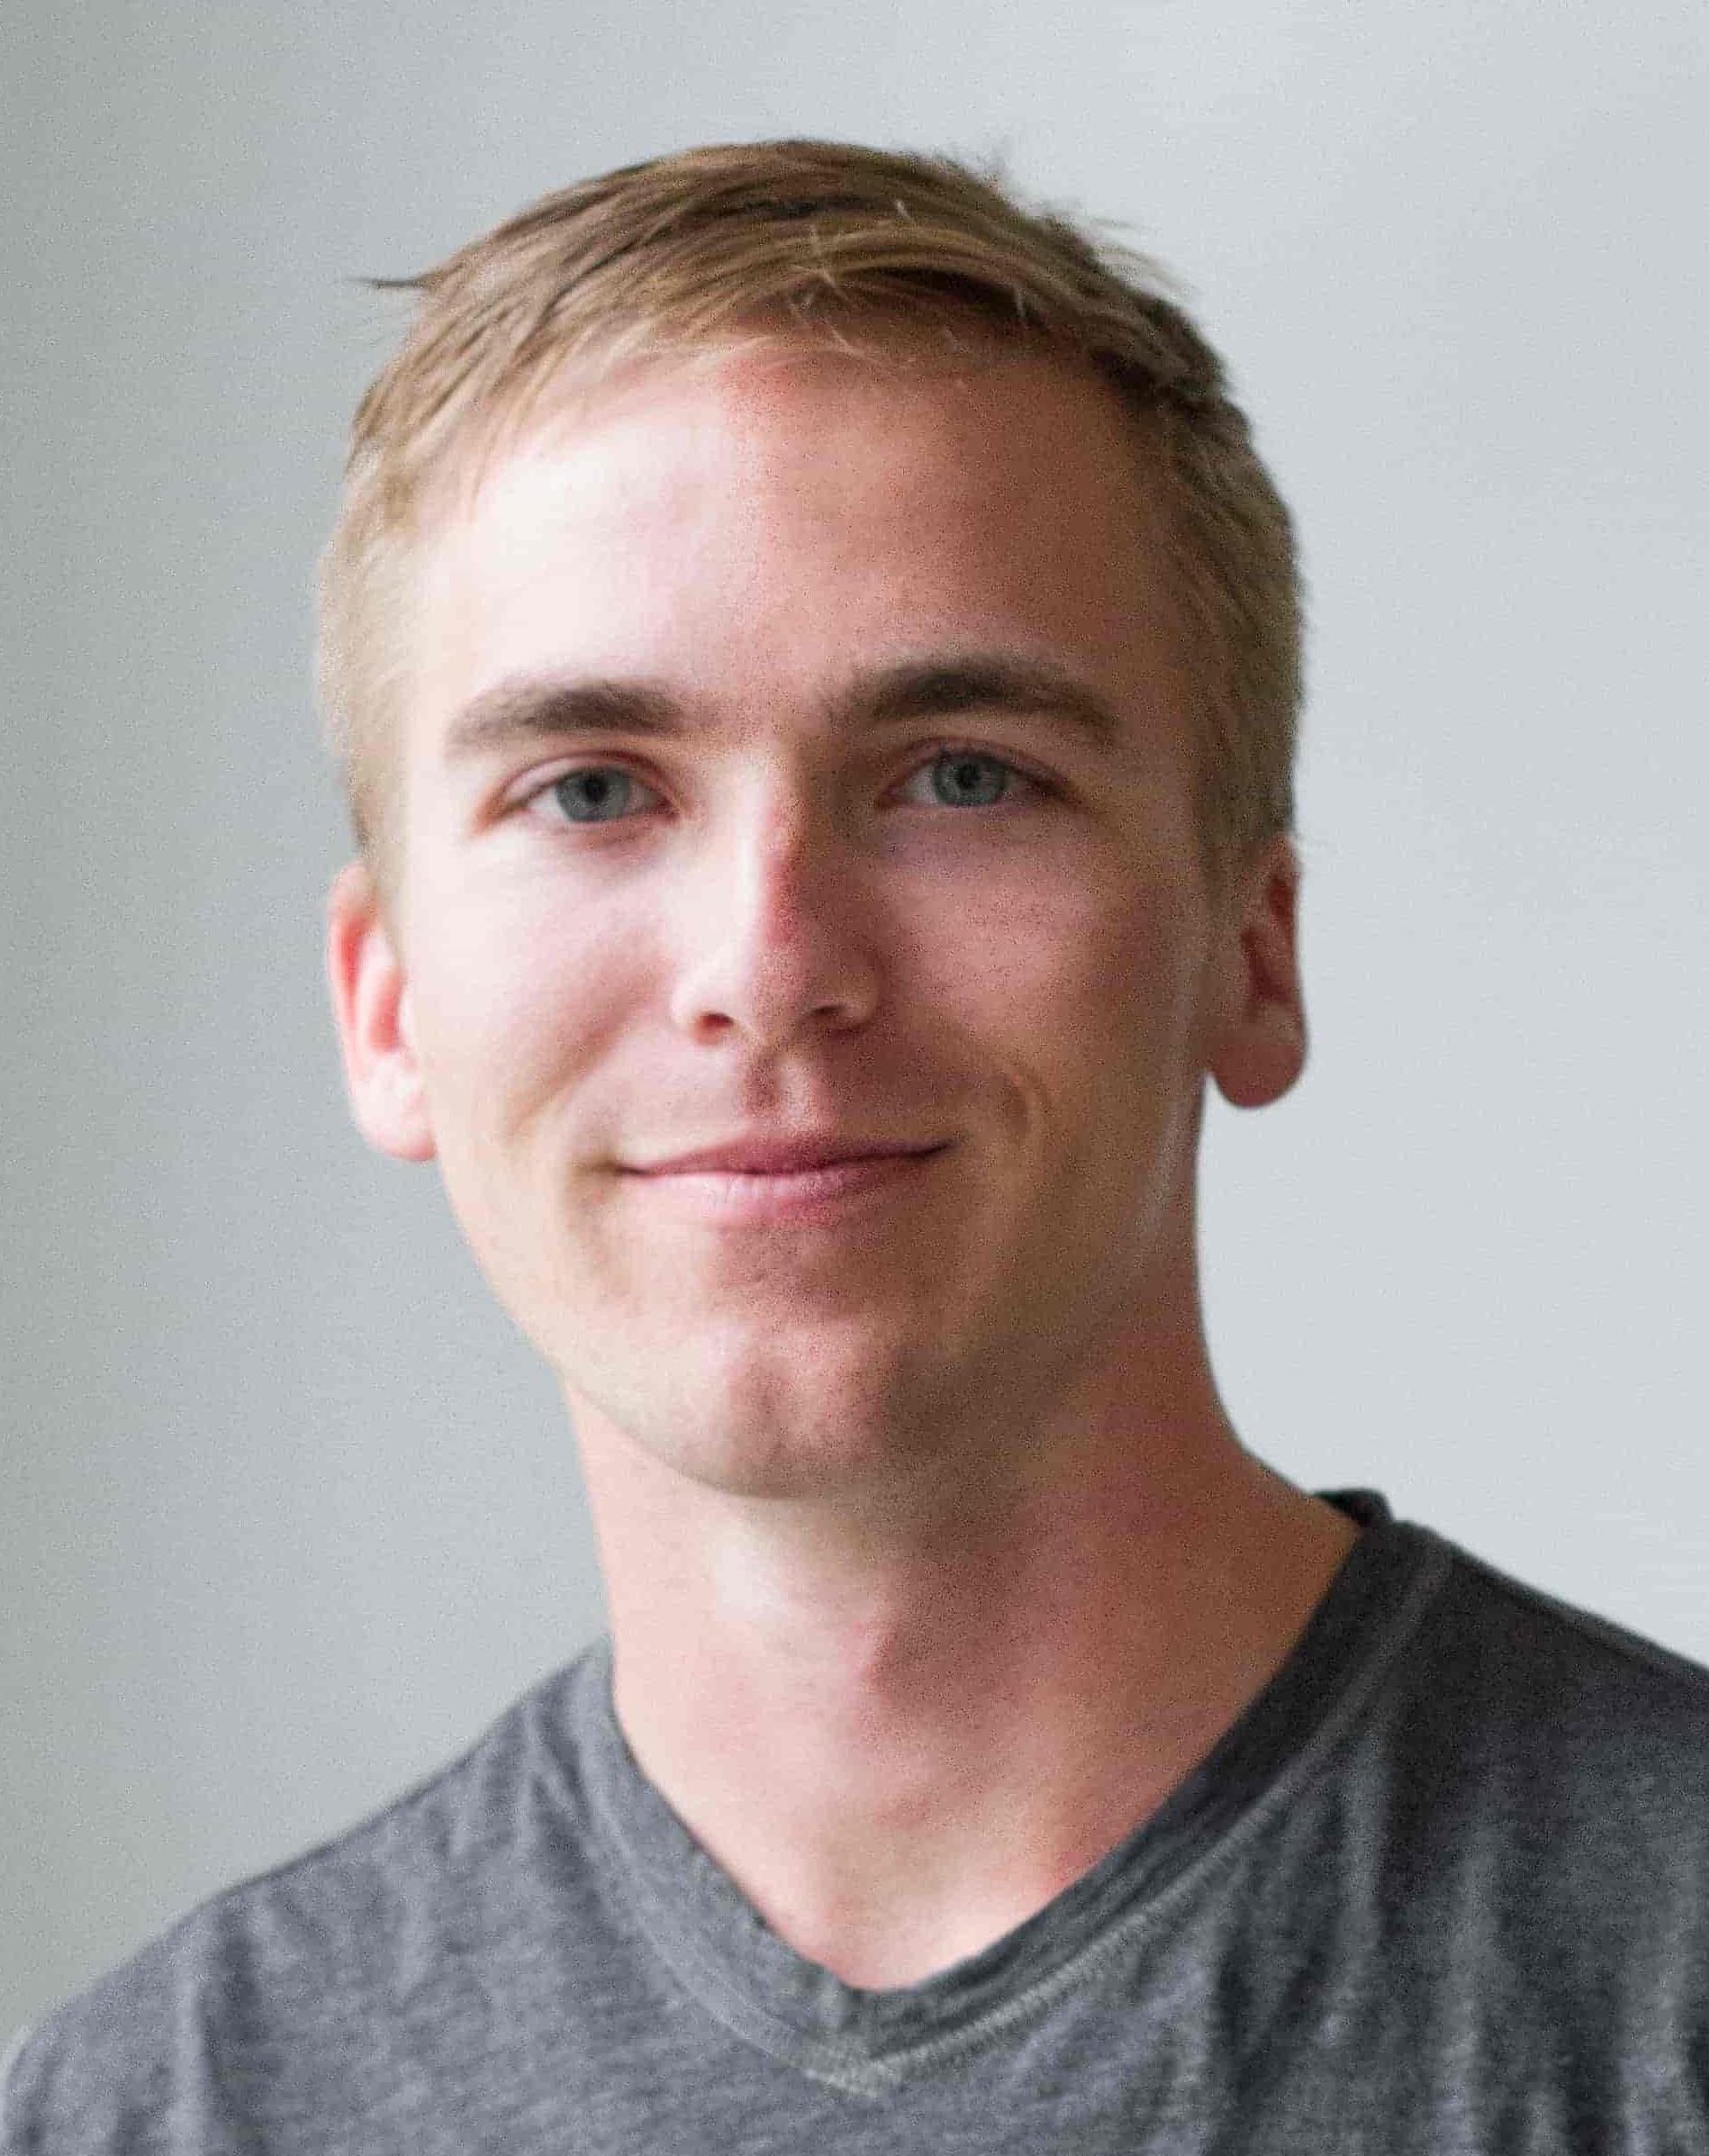 Sam Brieden